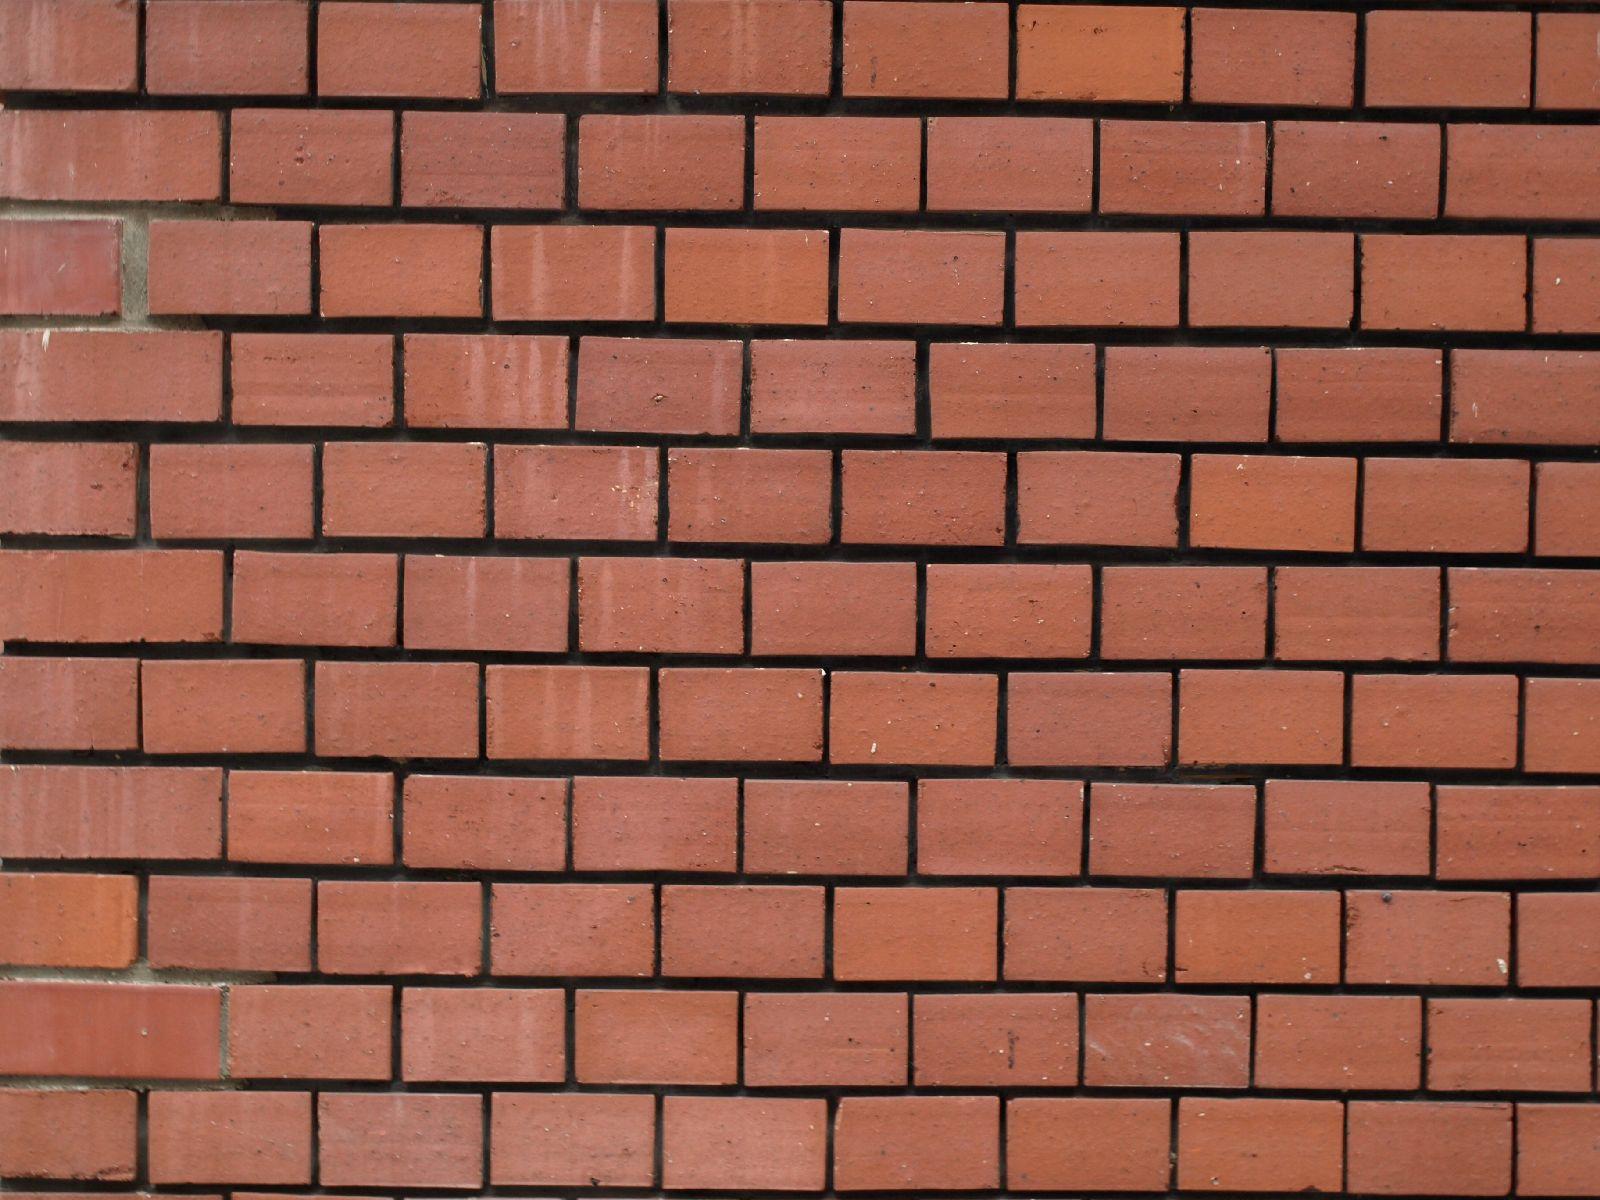 Brick_Texture_A_BT1210